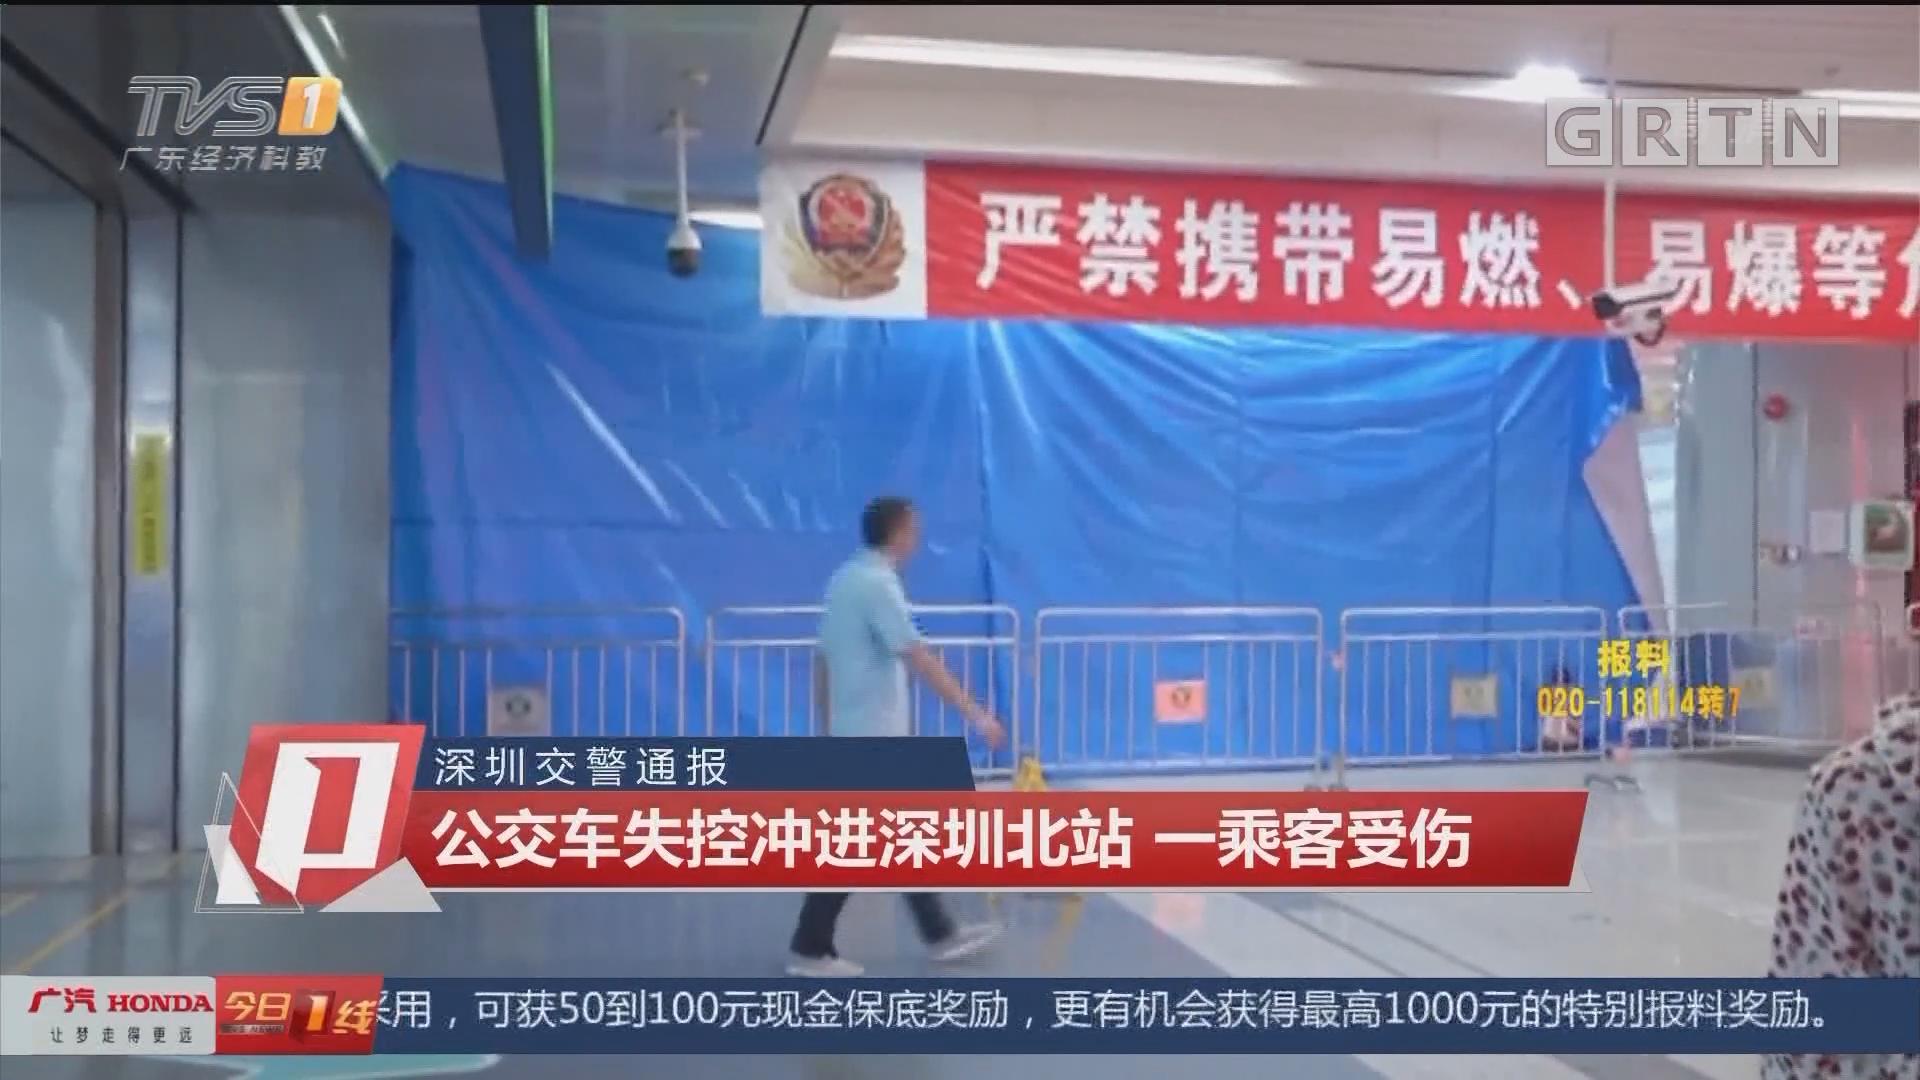 深圳交警通报:公交车失控冲进深圳北站 一乘客受伤